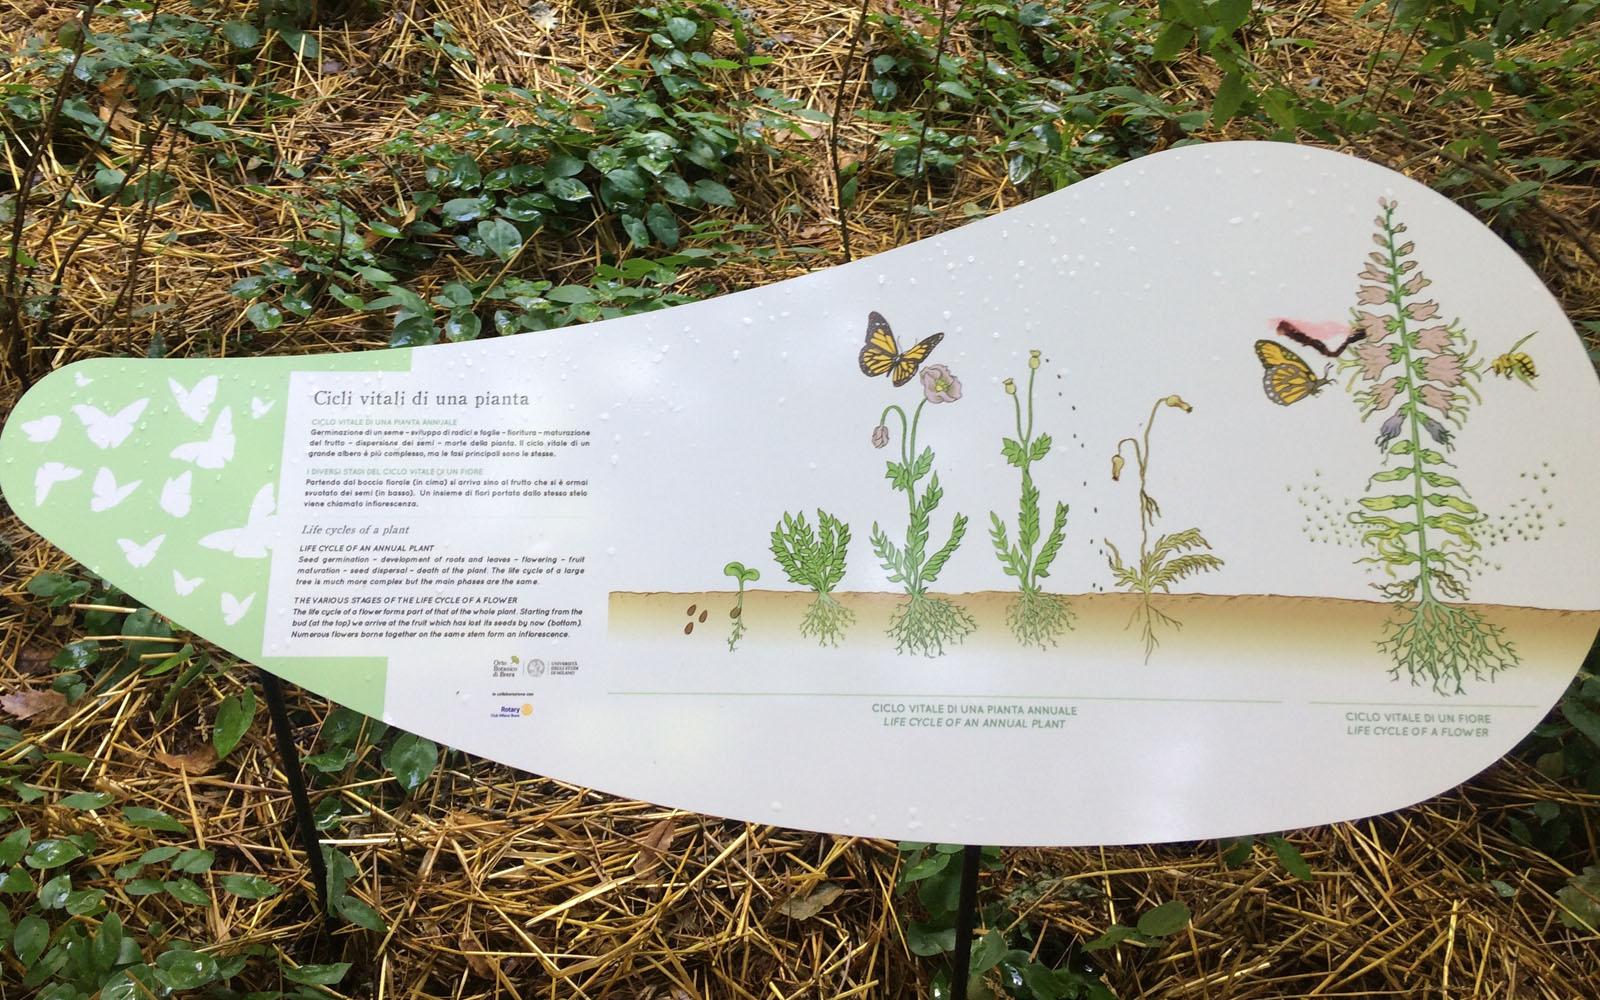 Uno dei pannelli informativi, che illustra i cicli vitali di una pianta.